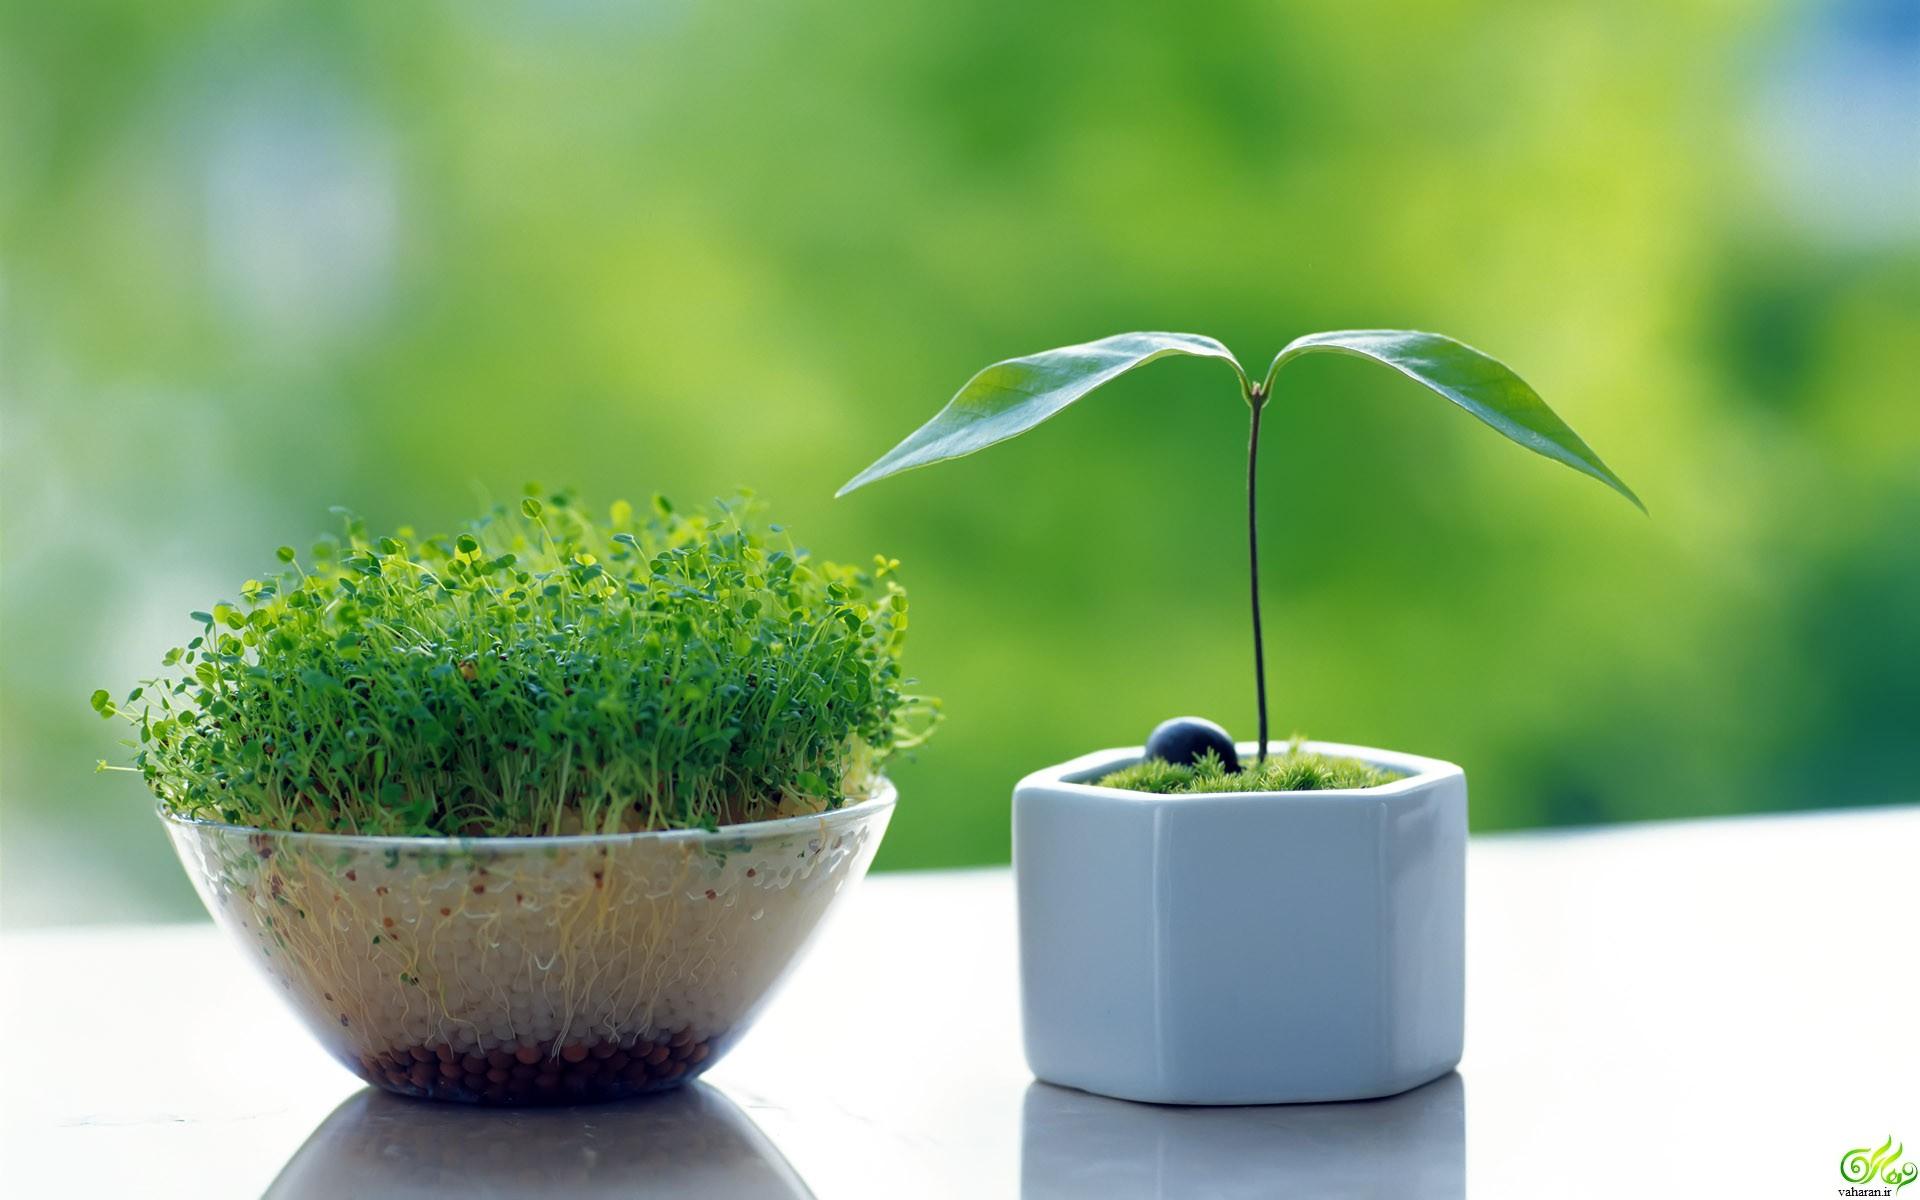 بهترین زمان برای سبزه انداختن نوروز ۹۷ + اطلاعات کامل تر